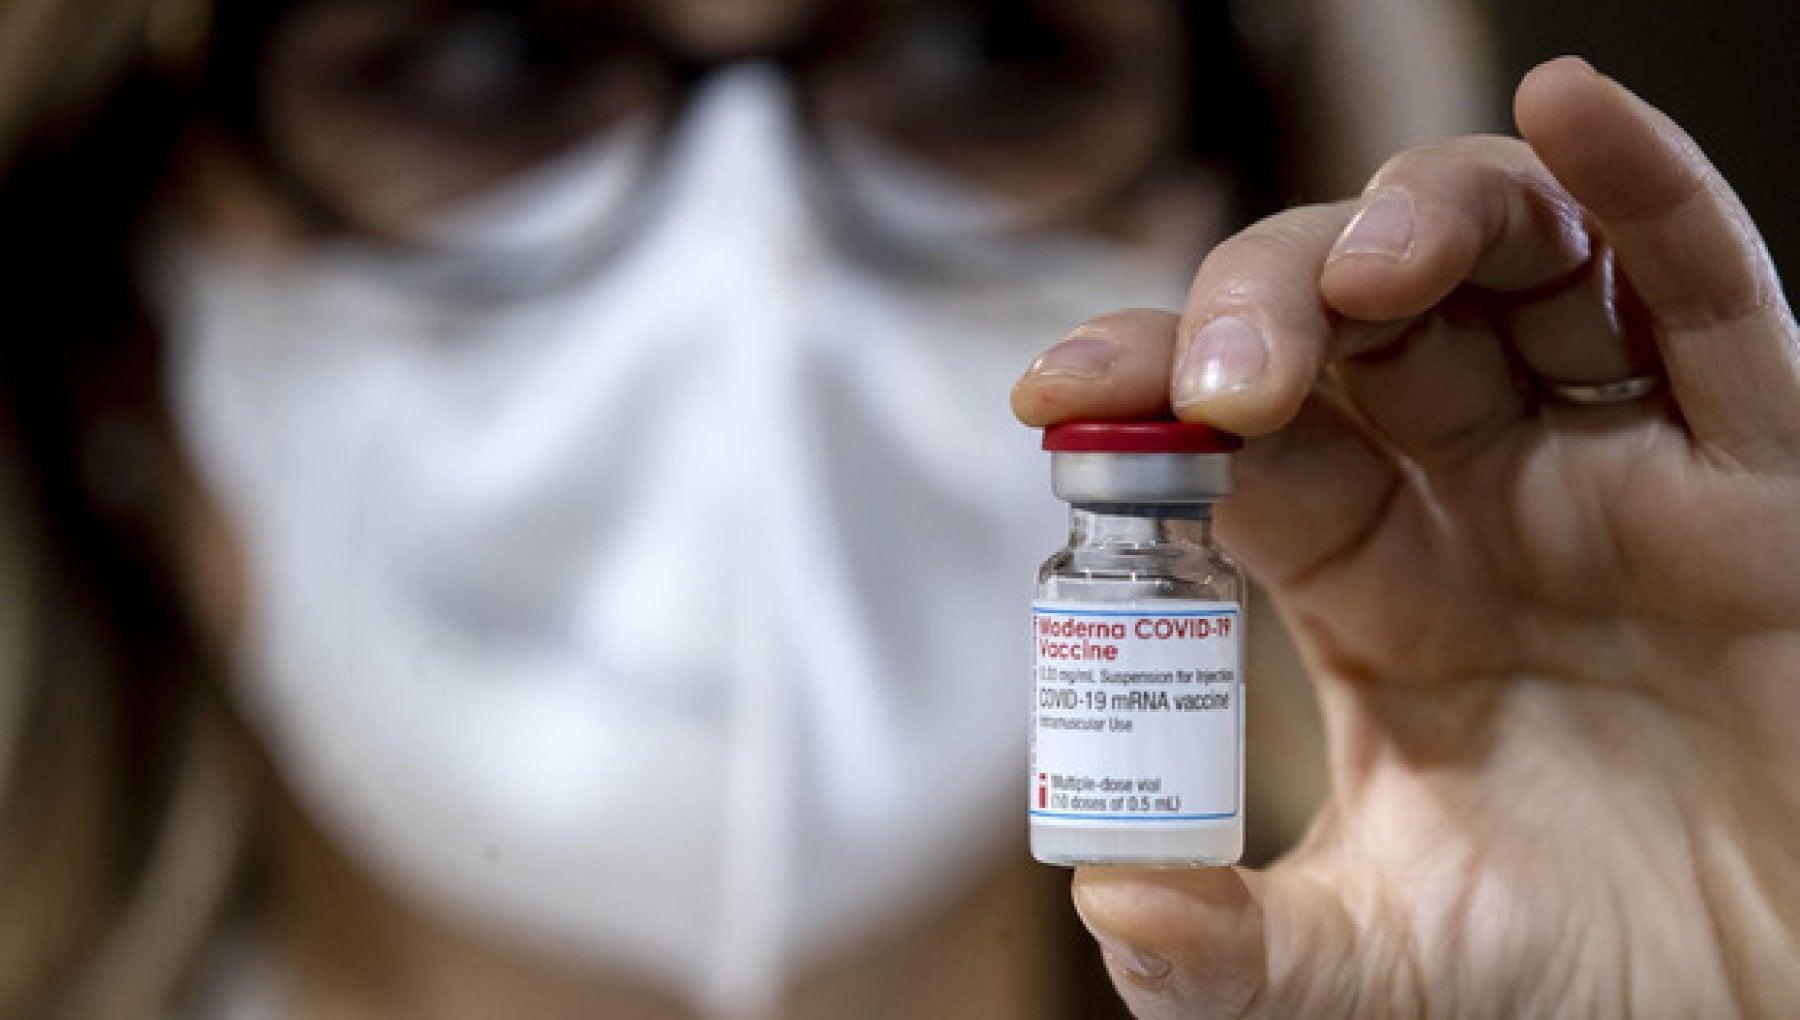 Covid, altro studio conferma: i vaccini a mRNA prevengono l'infezione, oltre il 95% di efficacia